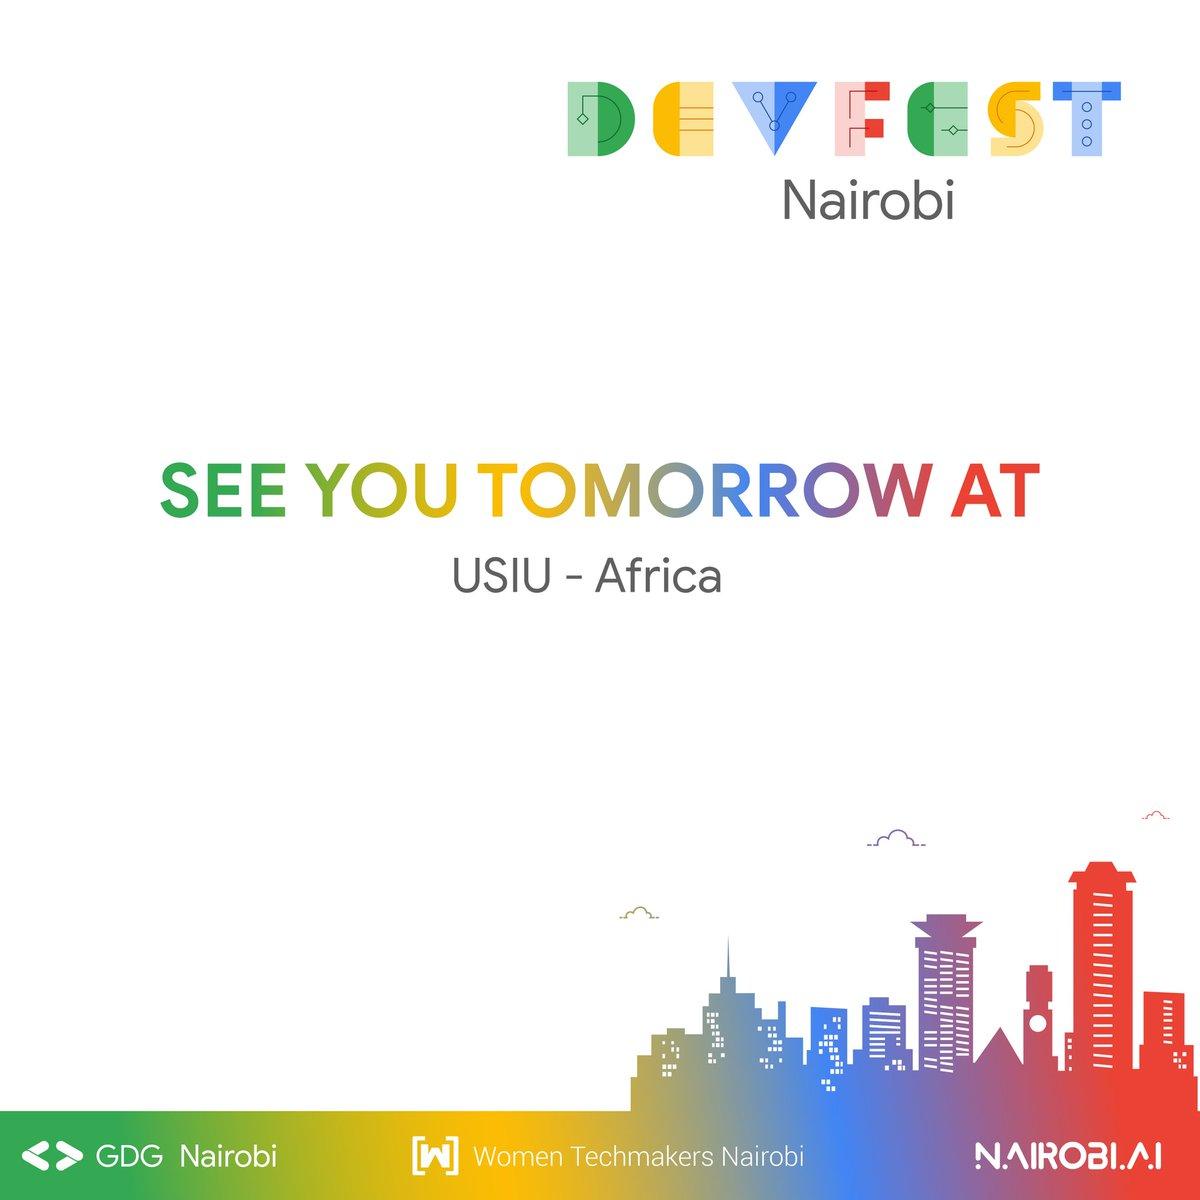 It's here... up and running #DevFestNairobi<br>http://pic.twitter.com/7nniIlmIzK